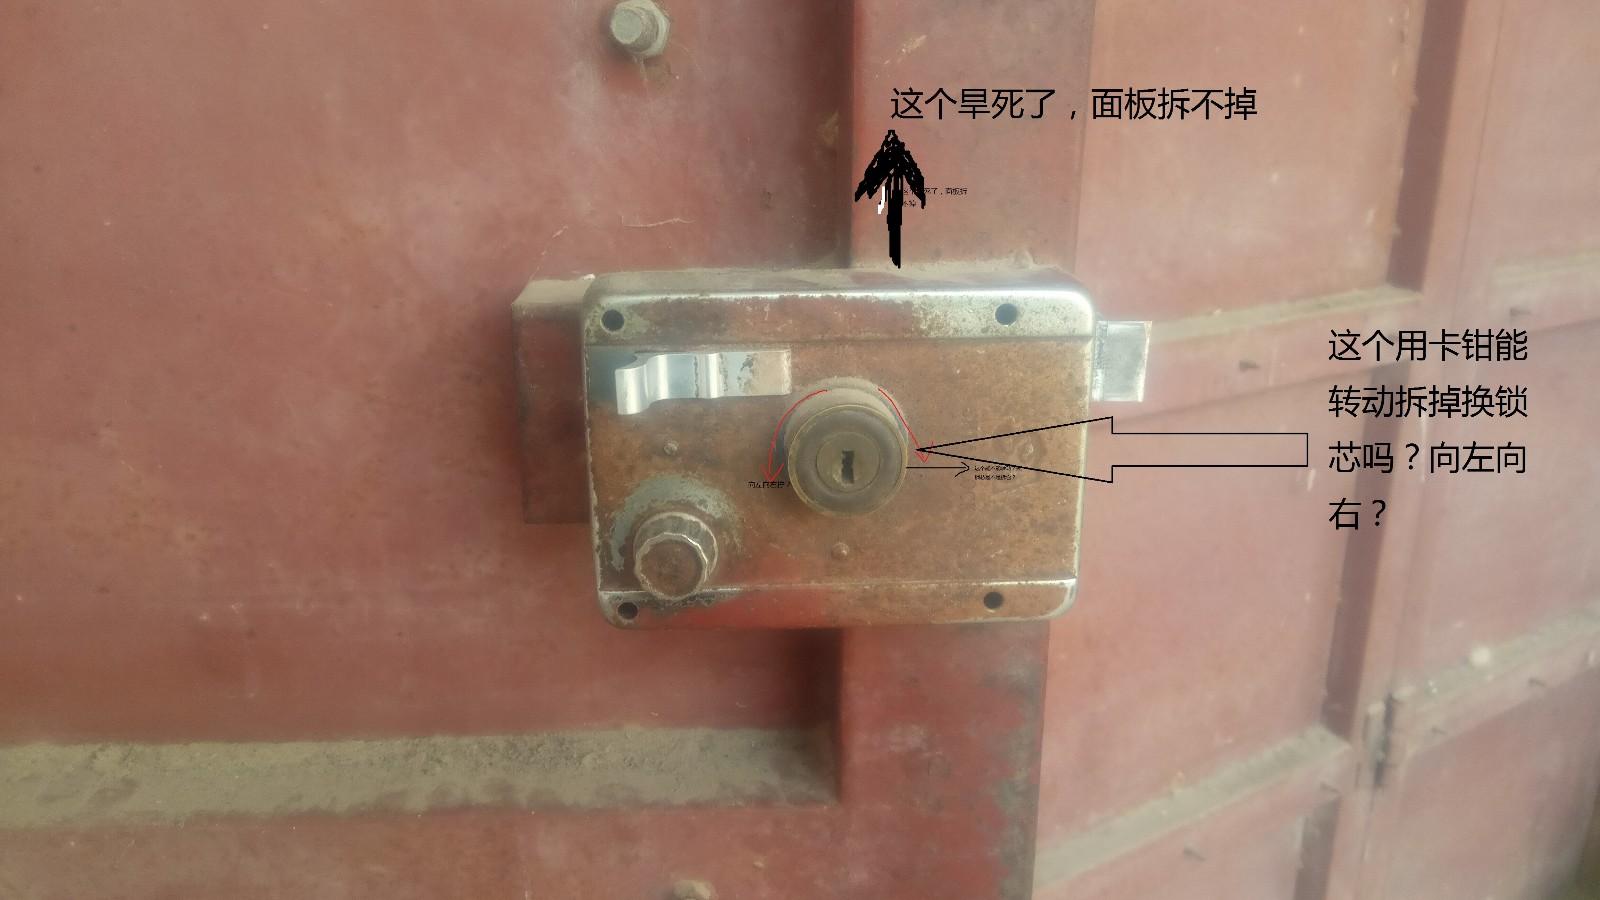 求救大神们,农村大门锁,锁和大门是焊死的,锁面